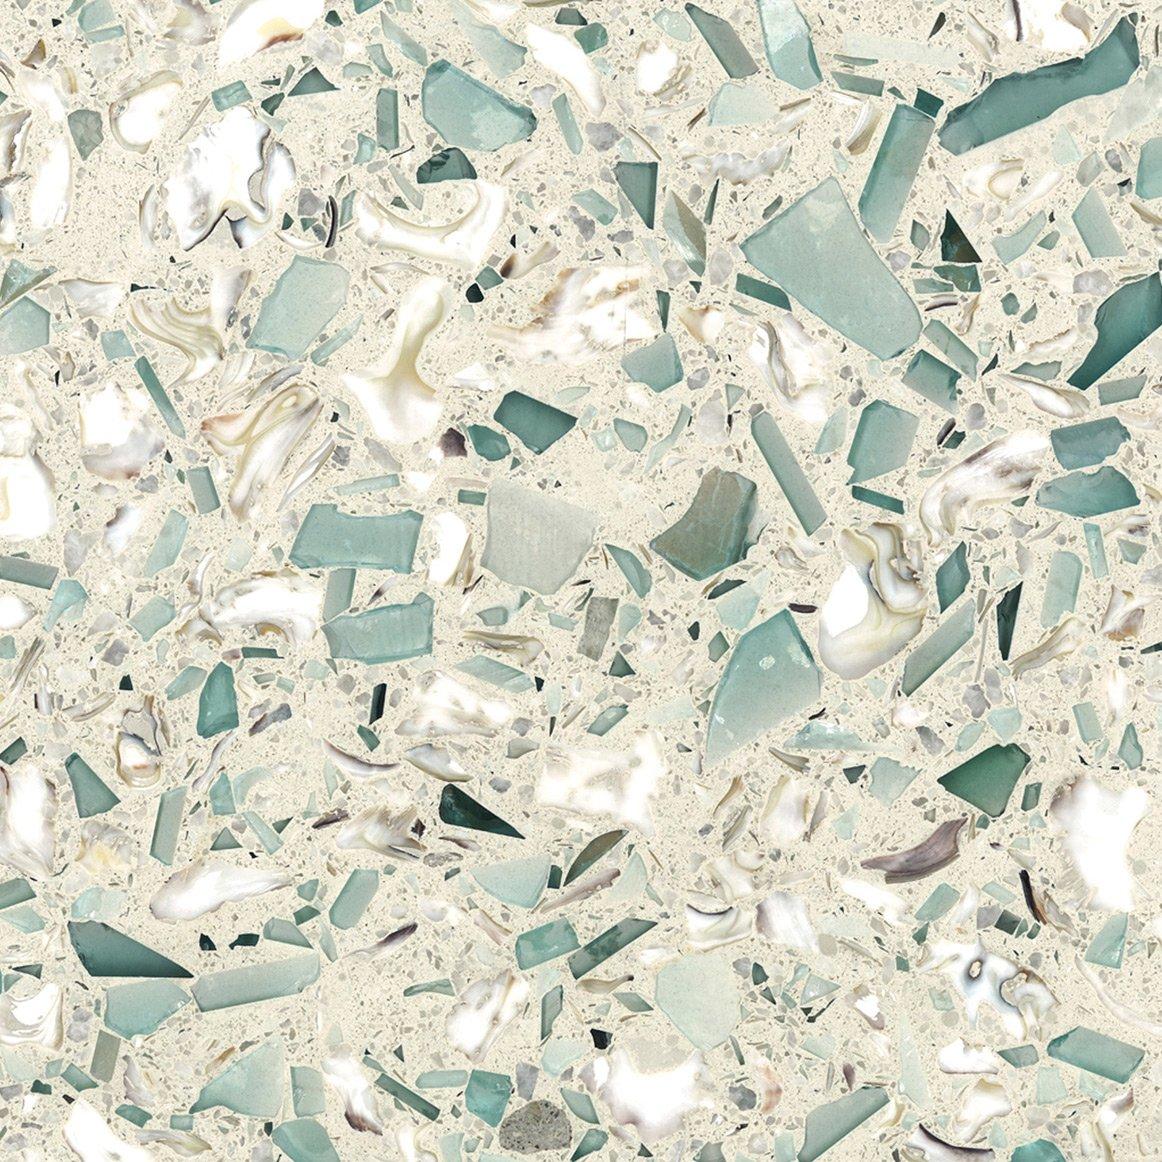 emerald-coast-collections-vetrazzo